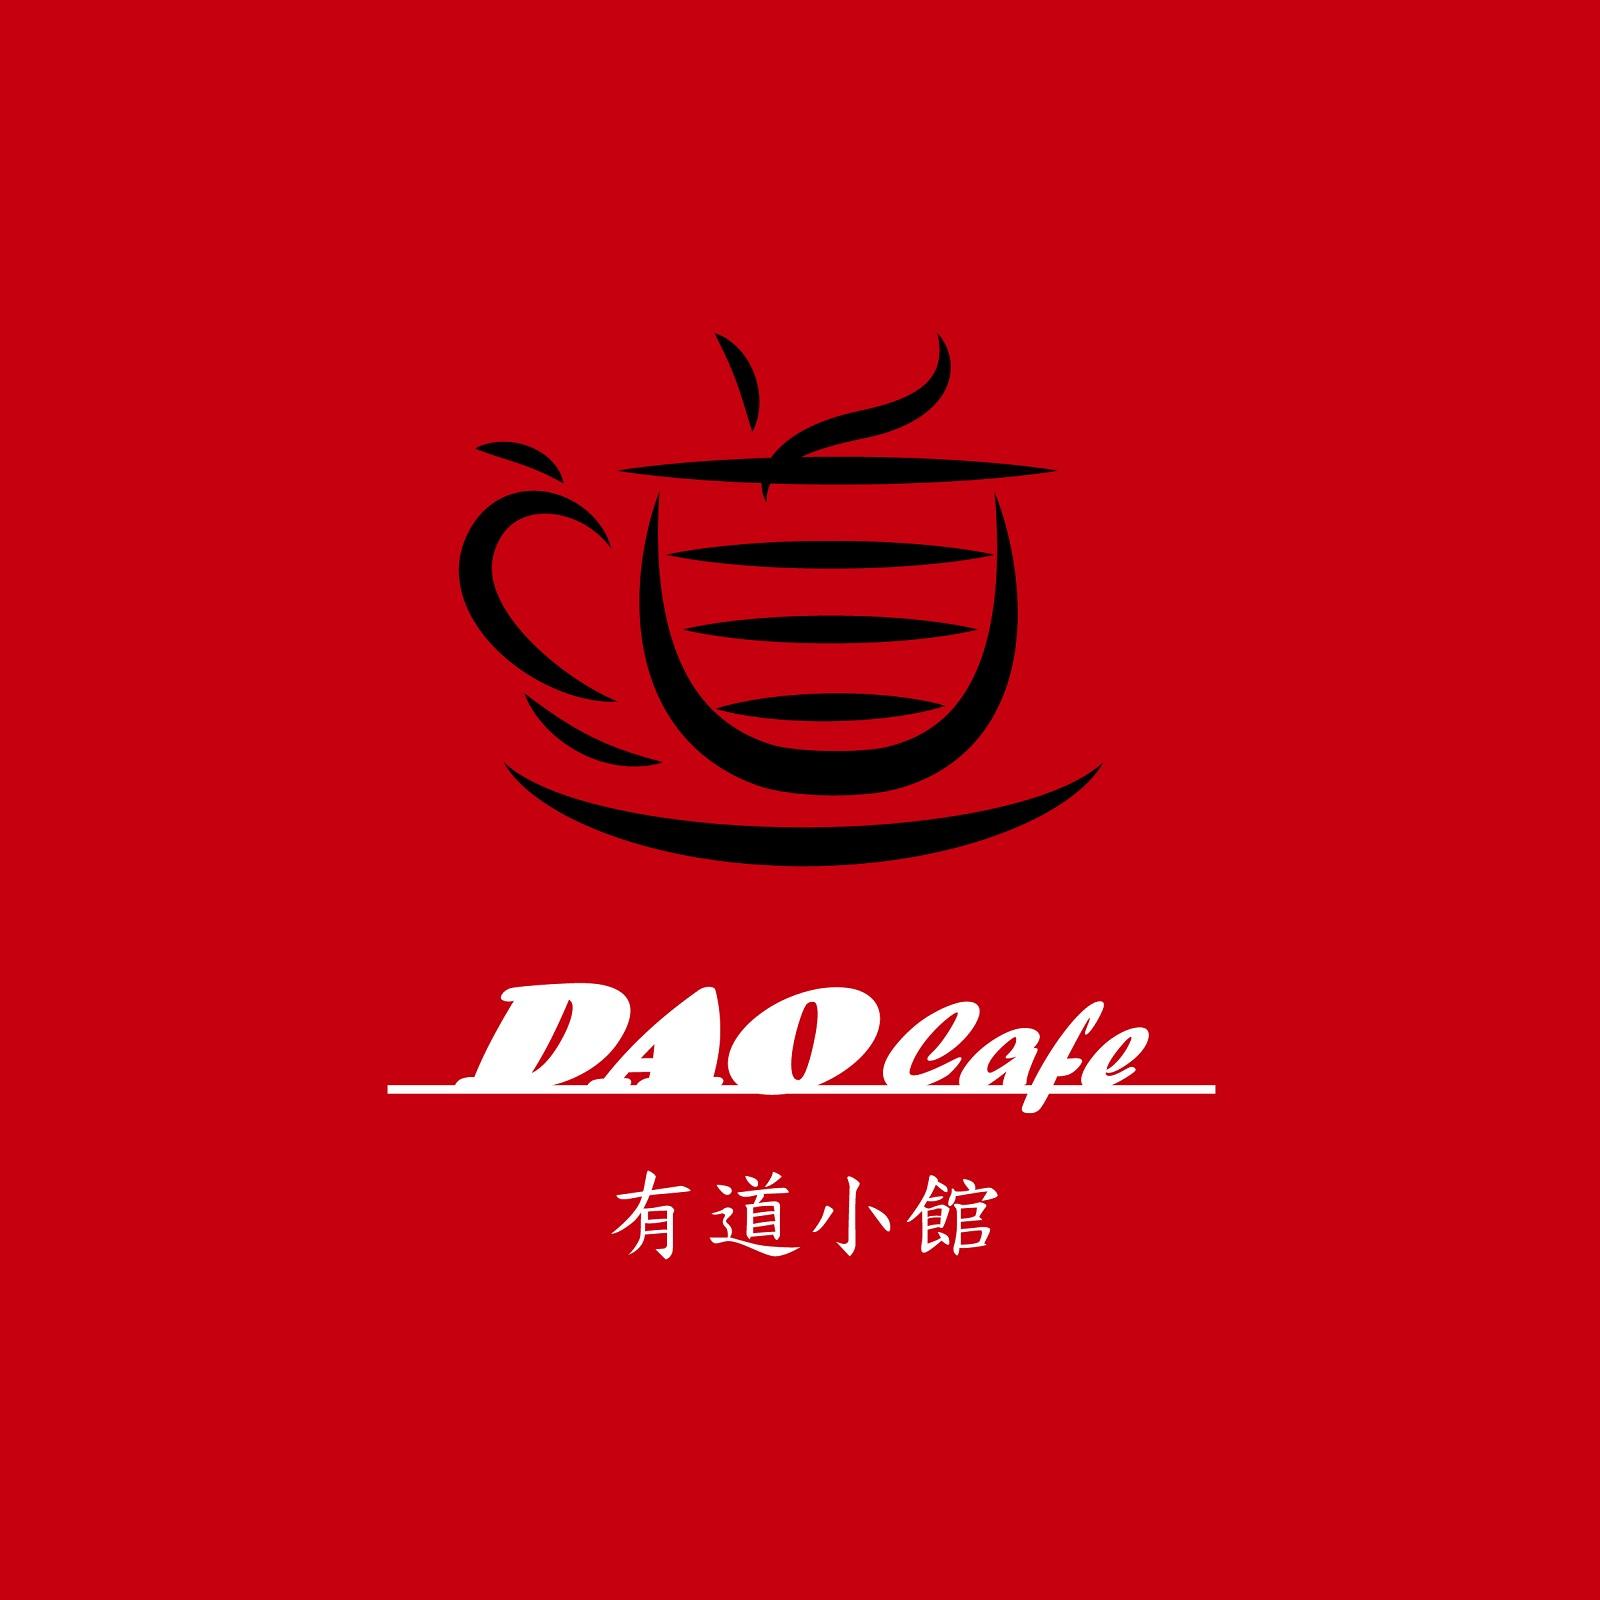 Dao Cafe Podcast 有道小館 logo